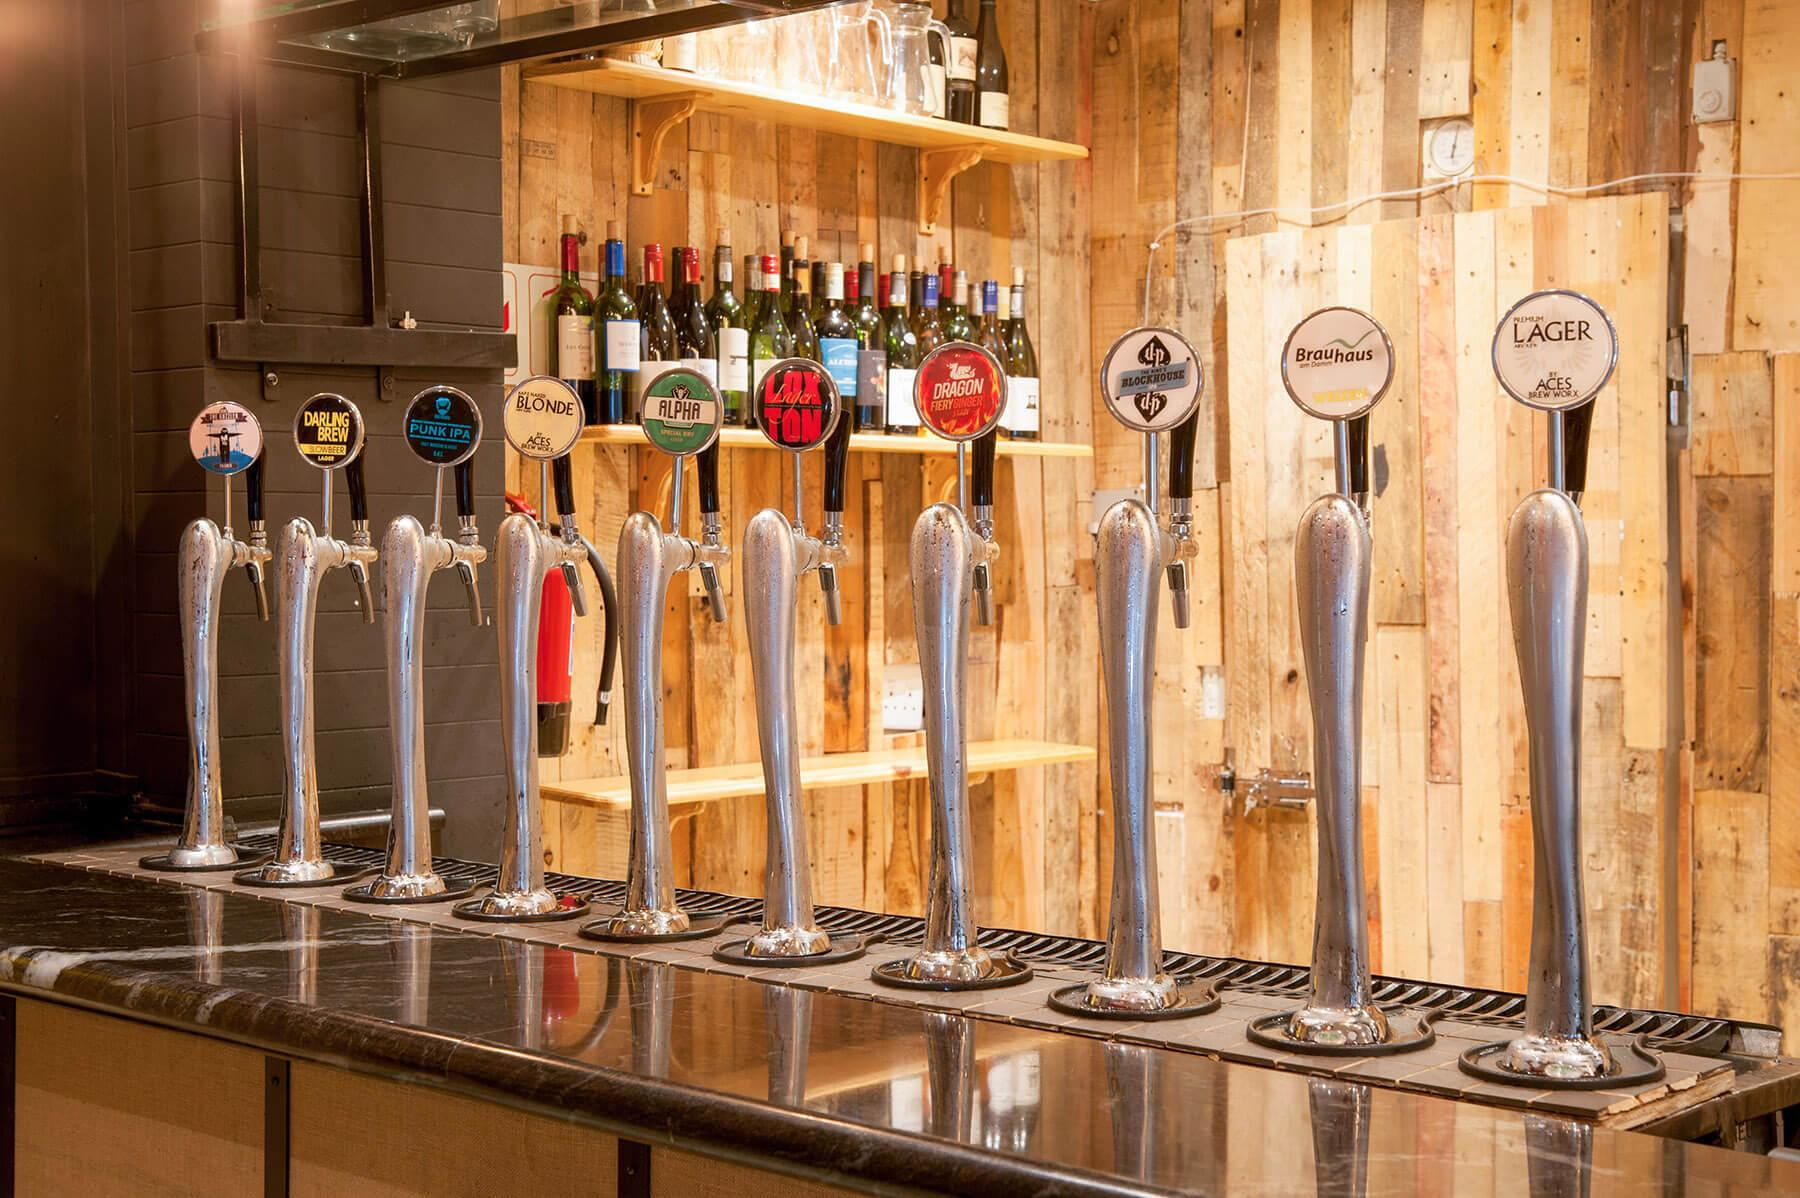 Escondido Tapas & Wine Bar in Illovo, Johannesburg